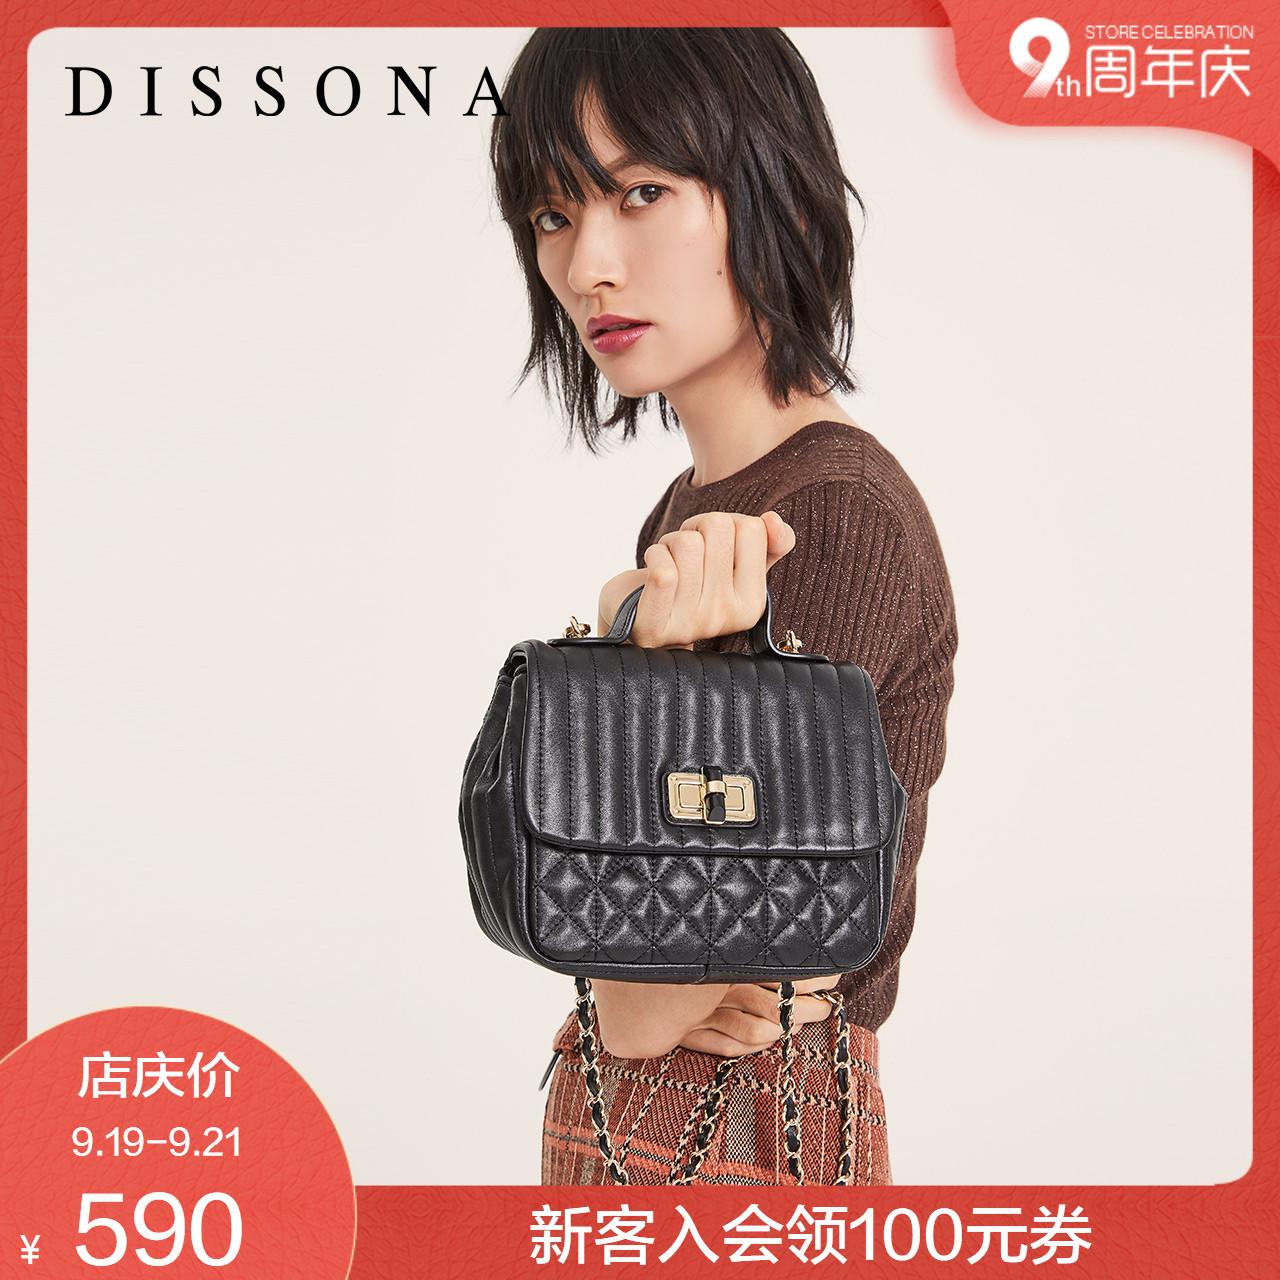 DISSONA迪桑娜手提包斜挎女包 真皮单肩小包包小香风菱格链条包潮